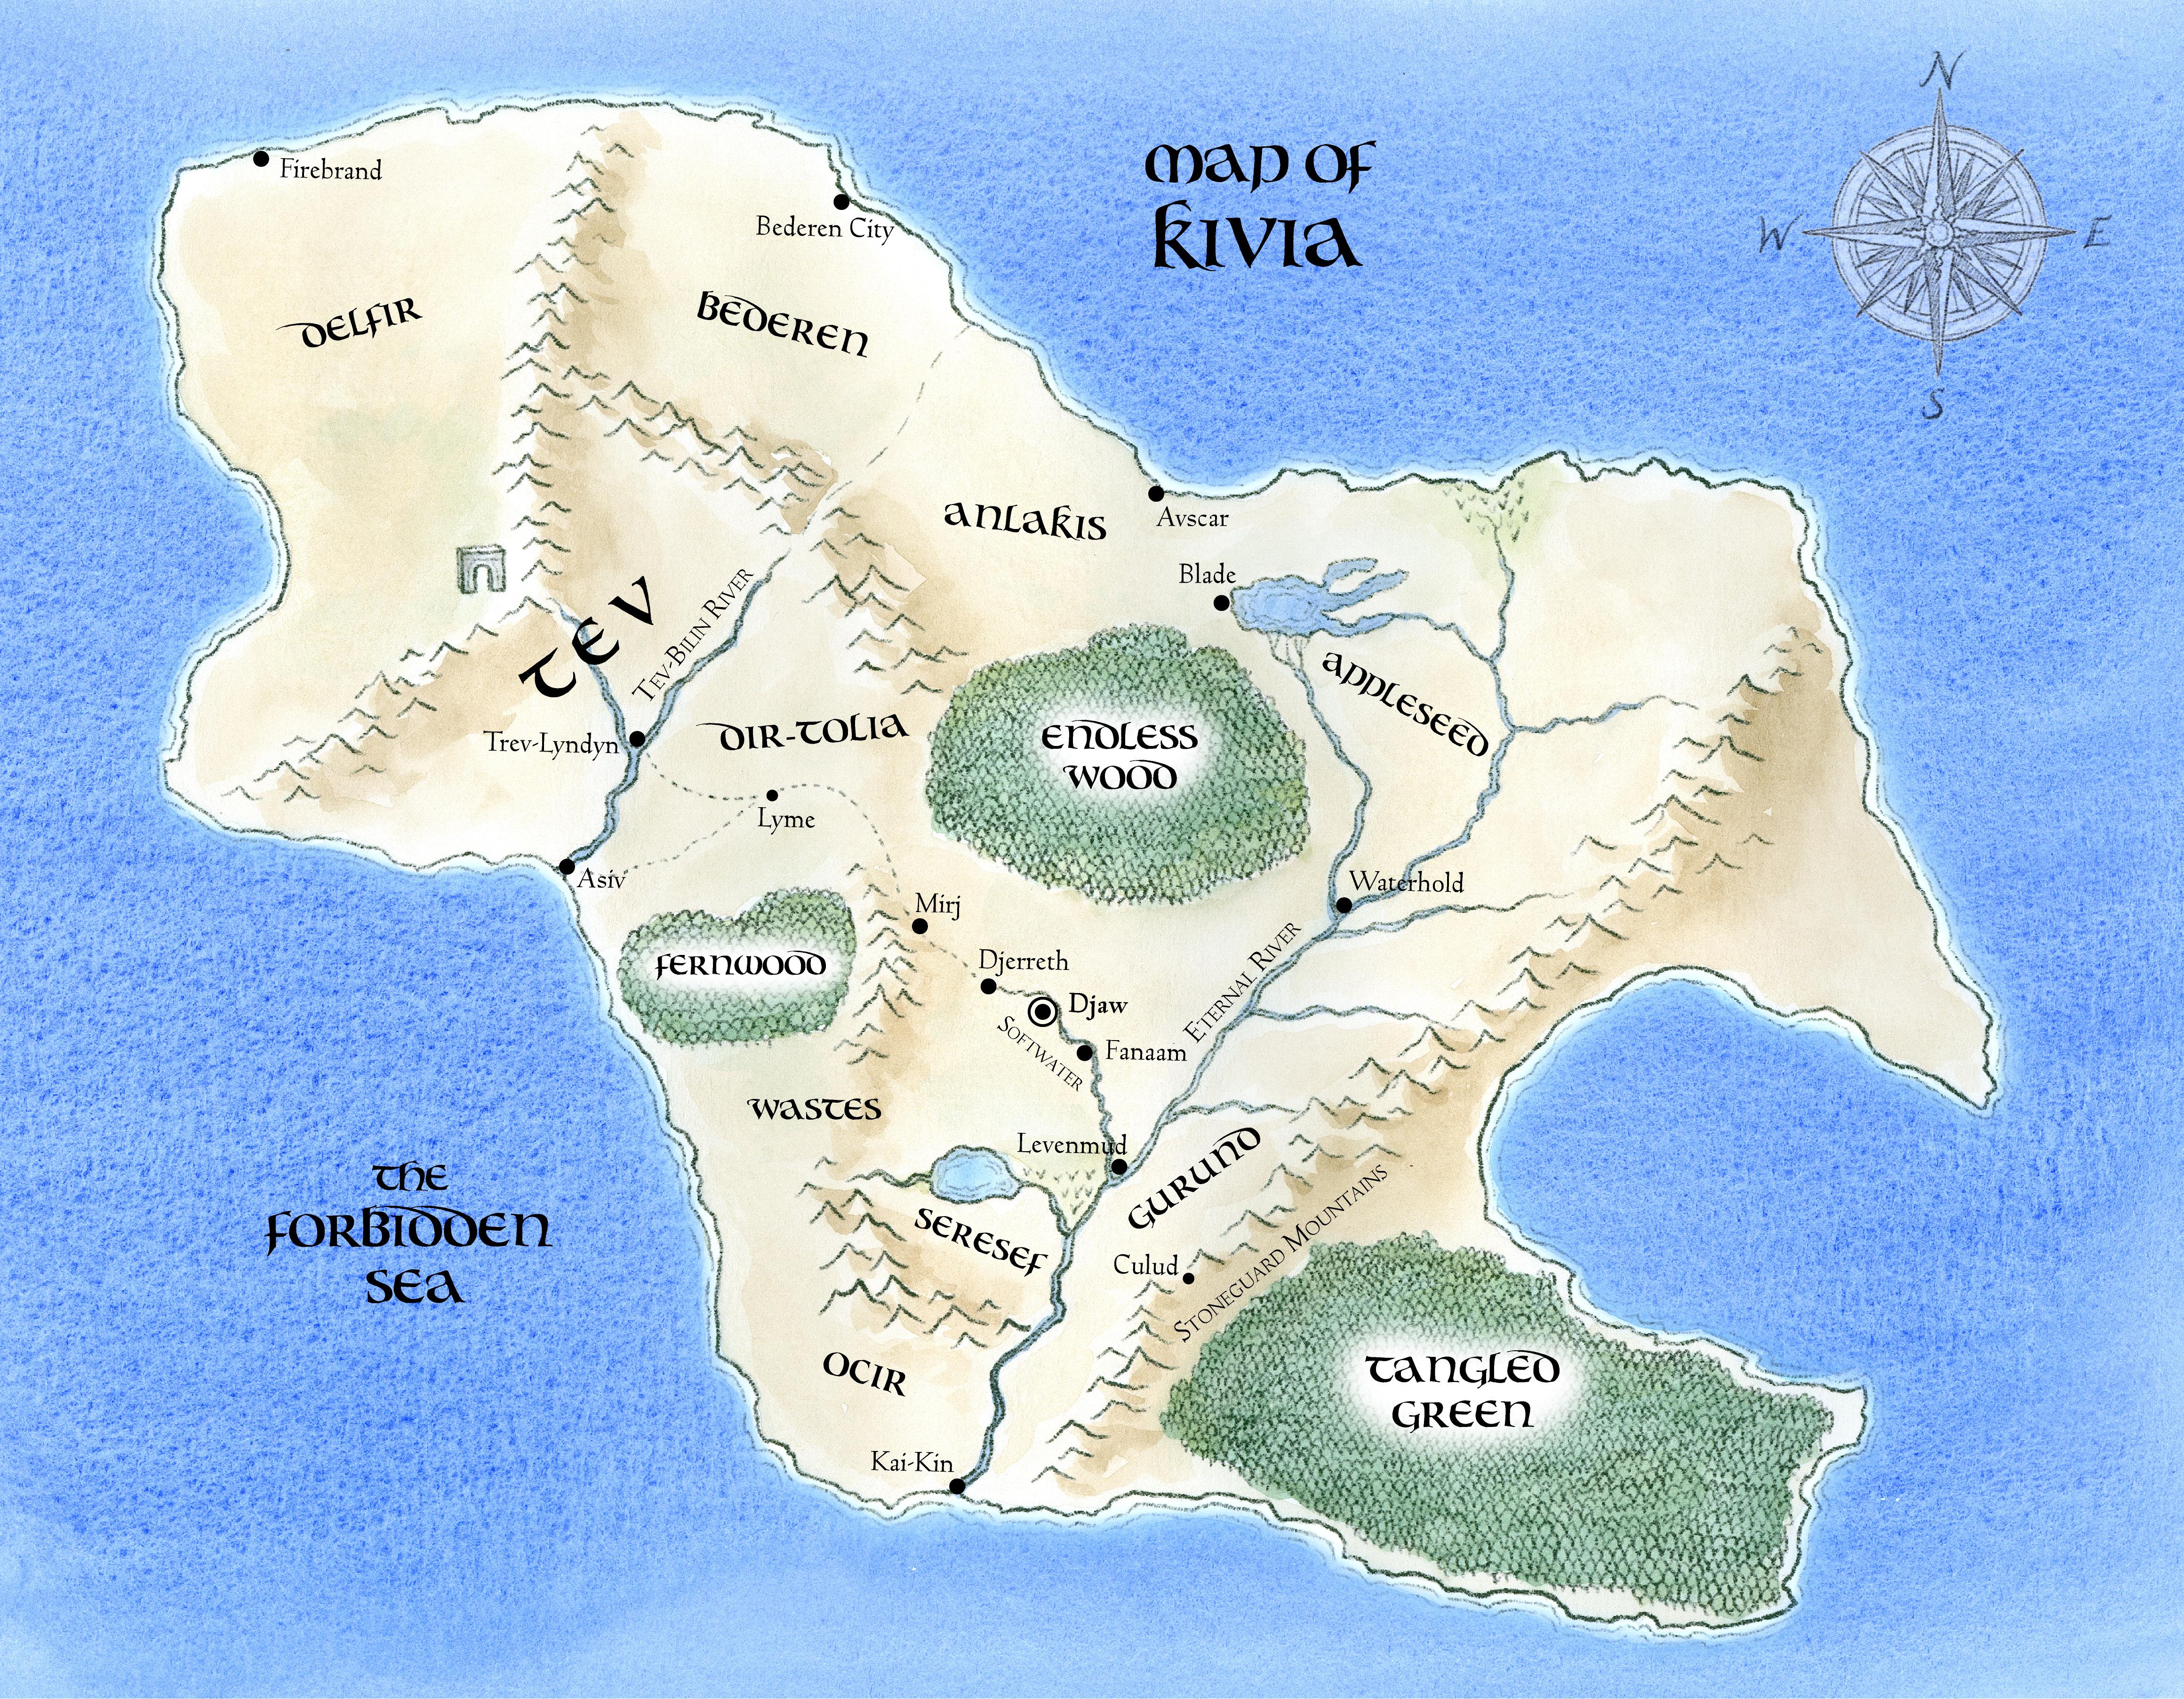 Kivia